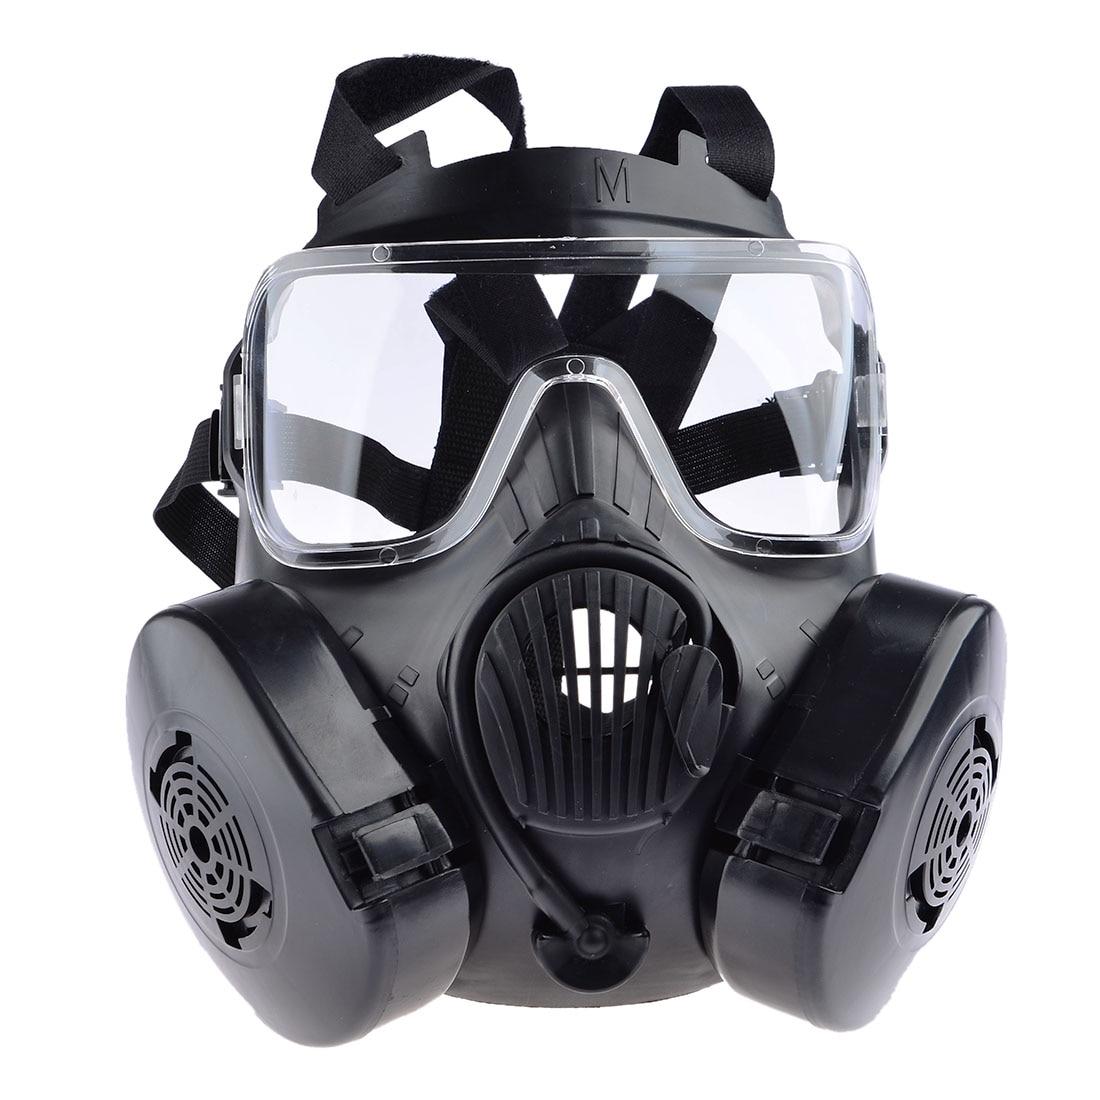 Tactique Wargame Paintball Full Face Crâne masque à gaz pour En Plein Air Airsoft Combat Chasse masque de protection Armée Cosplay Articles-Noir